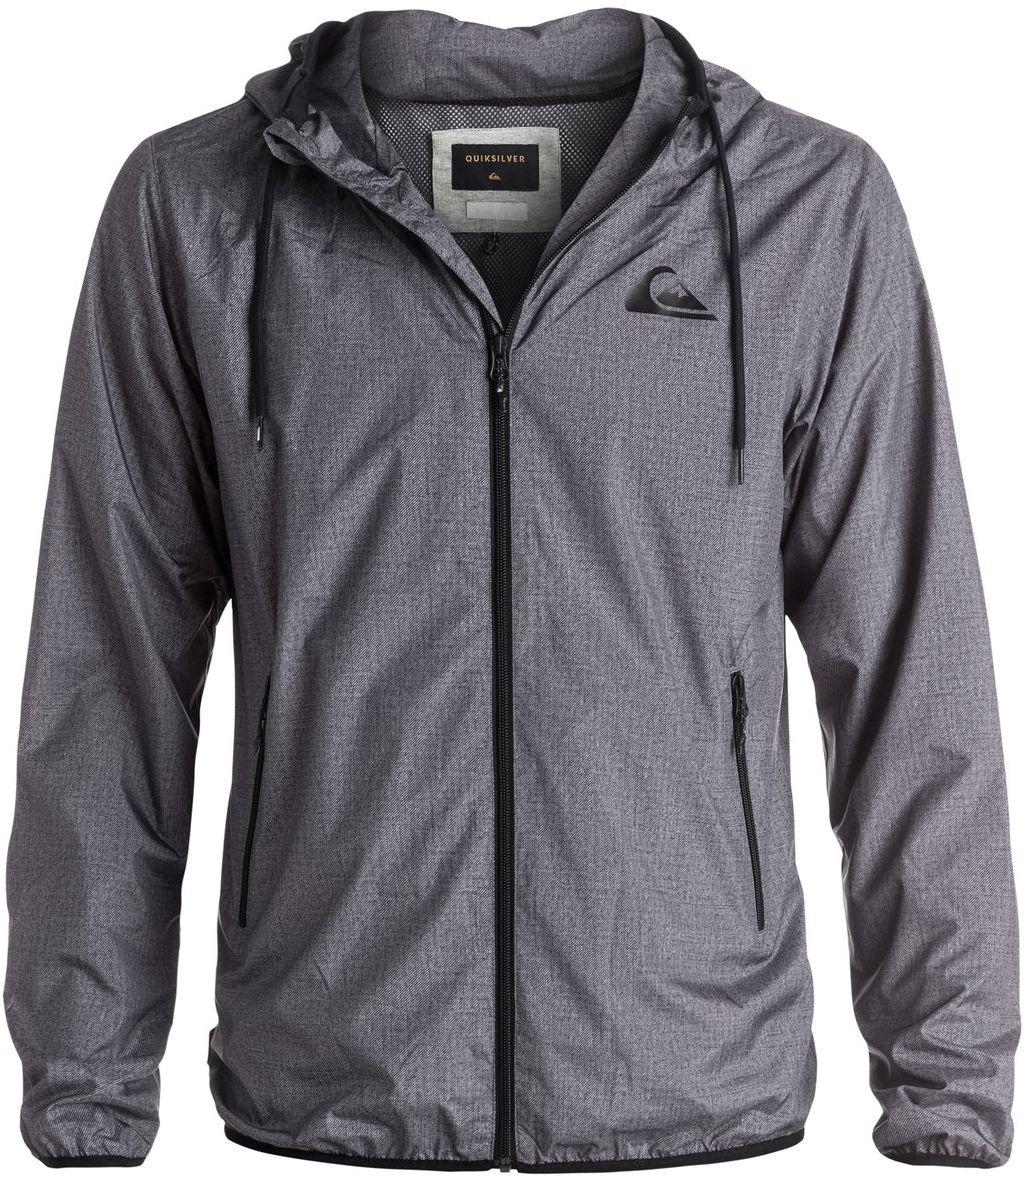 Куртка мужская Quiksilver, цвет: серый. EQYJK03238-KTFH. Размер XXL (54/56) футболка мужская quiksilver цвет белый eqyzt04285 wbb0 размер xxl 56